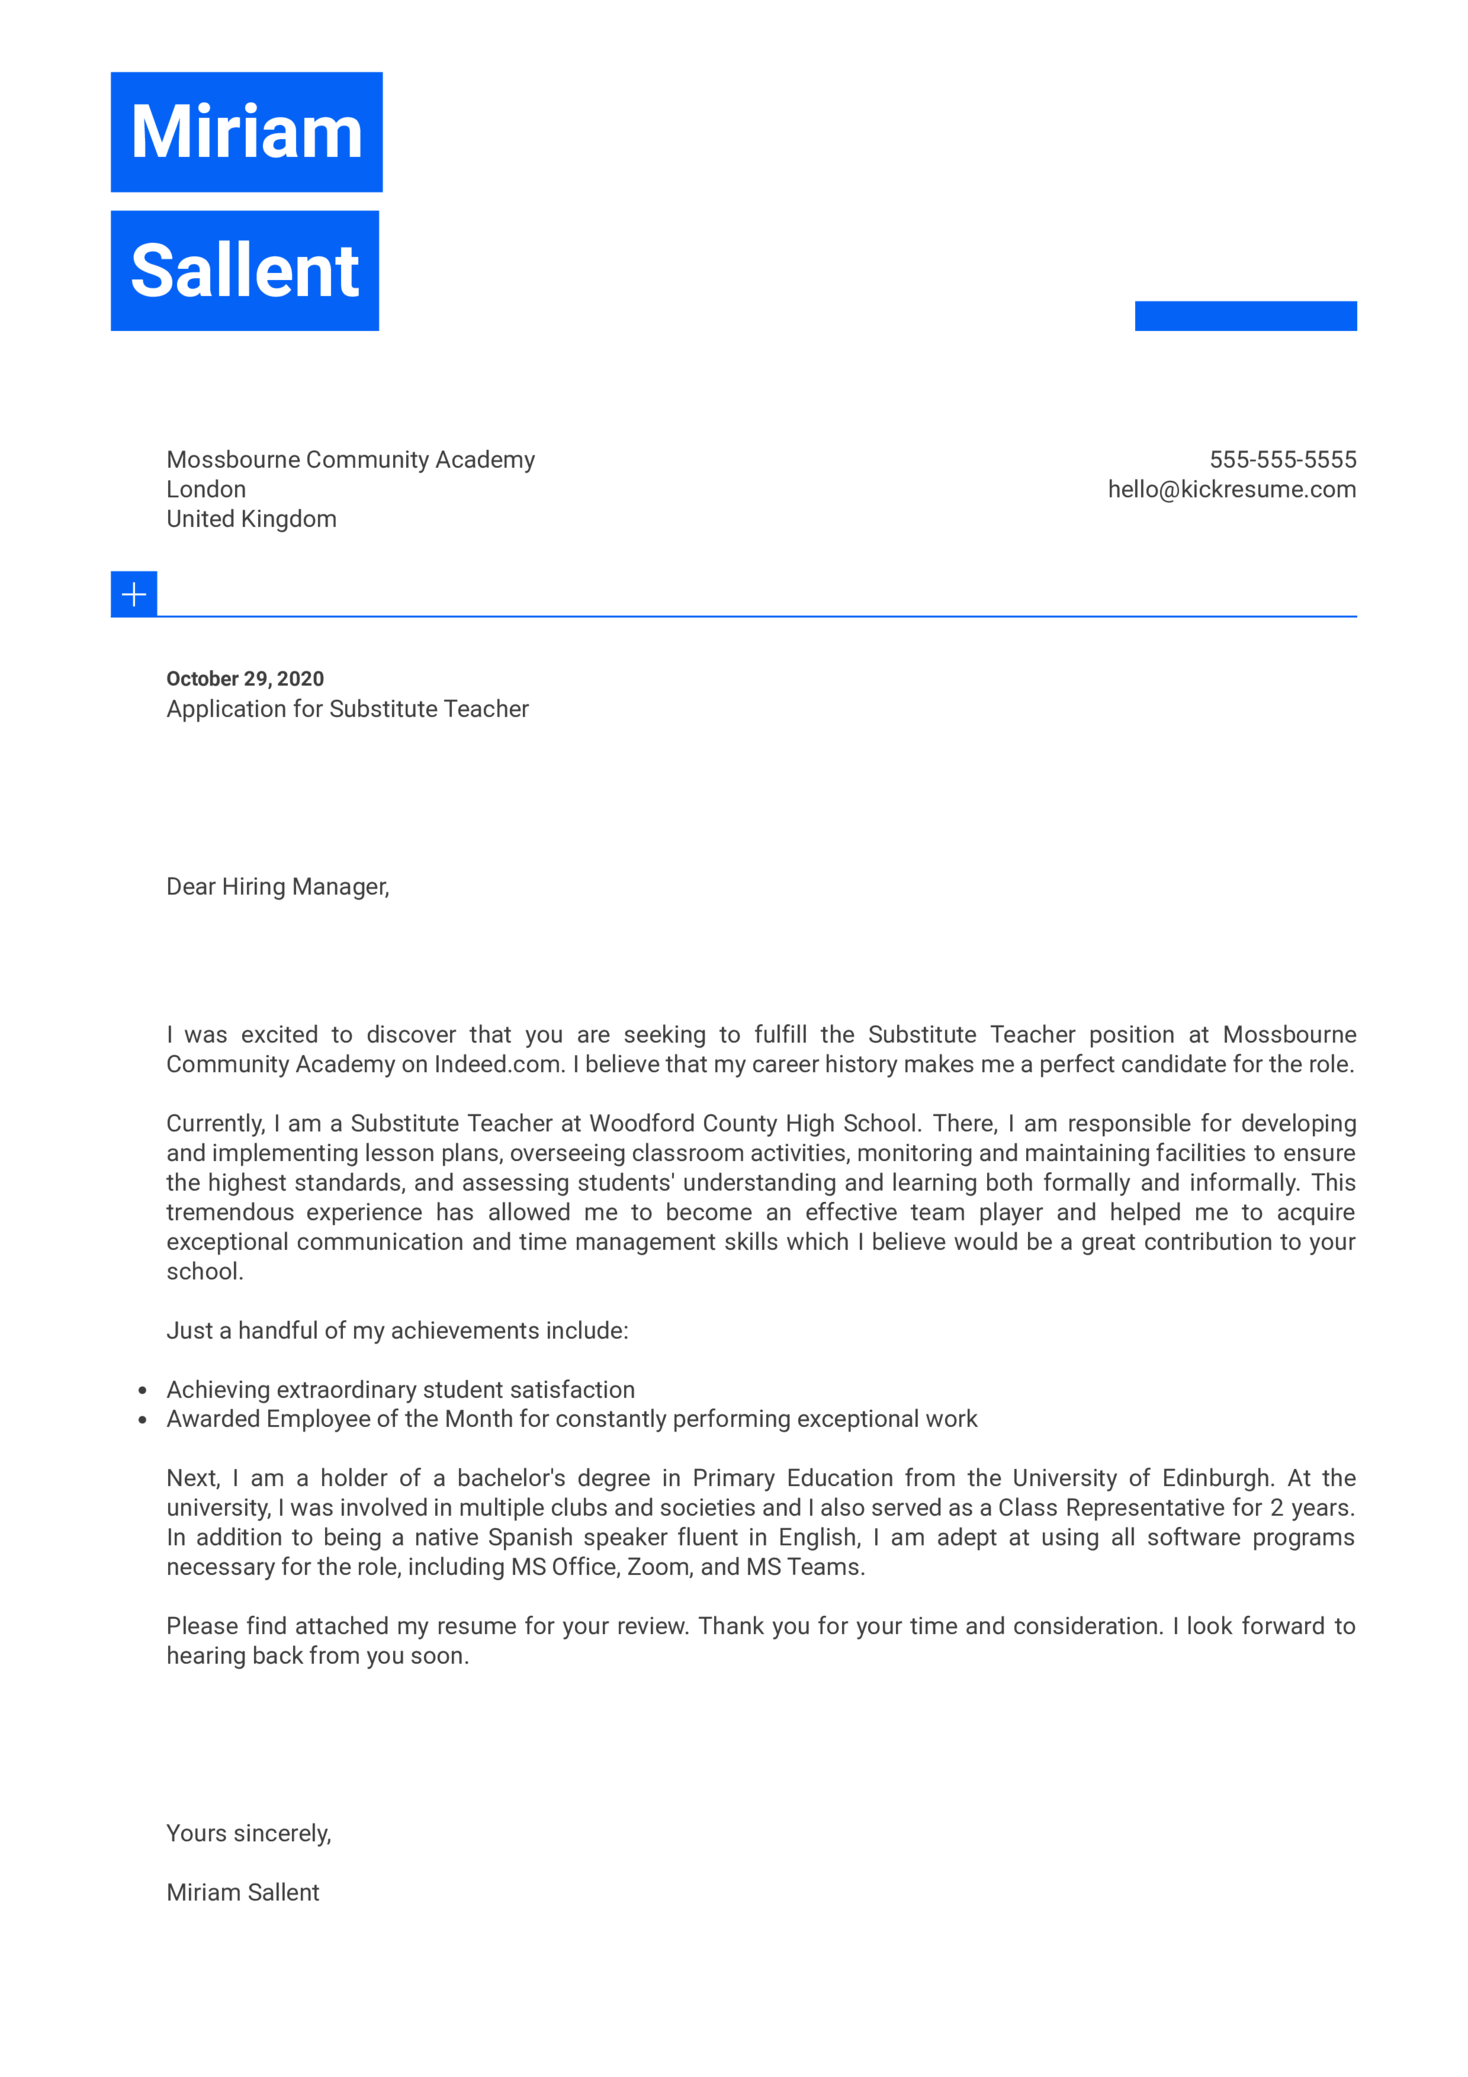 Substitute Teacher Cover Letter Sample